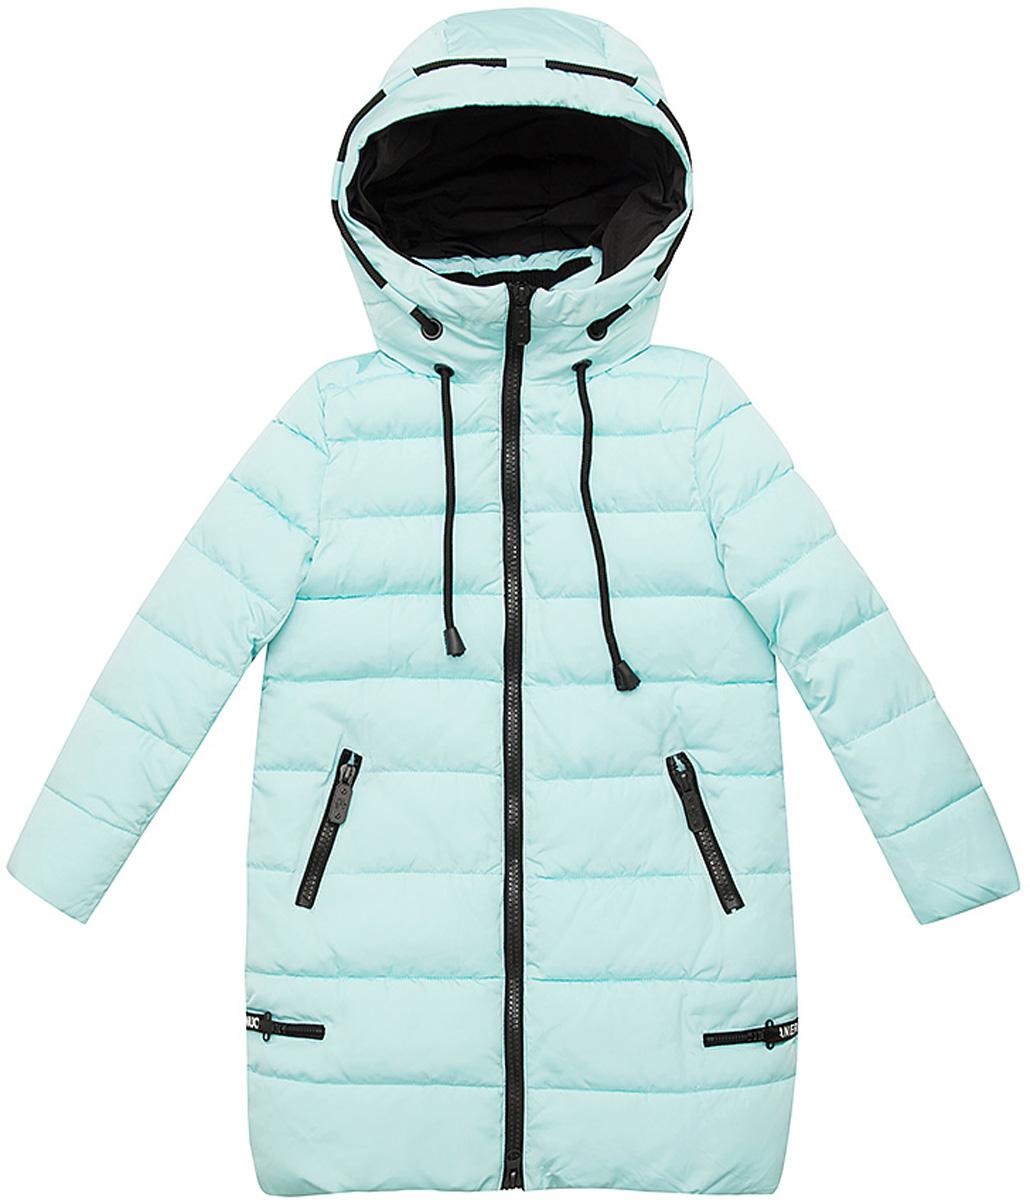 Куртка для девочки Vitacci, цвет: мятный. 2171454-32. Размер 1402171454-32Удлиненная куртка для девочки Vitacci, изготовленная из полиэстера, станет стильнымдополнением к детскому гардеробу.Подкладка выполнена из полиэстера и дополнительно утеплена флисом по спинке. В качестве утеплителя используется биопух.Модель с капюшоном и длинными рукавами застегивается на пластиковую застежку-молнию. Съемный капюшон регулируется в объеме при помощи шнурка.Температурный режим от -5 до -25 градусов.Красивый цвет, модный силуэтобеспечивают куртке прекрасный внешний вид! Теплая, удобная и практичная куртка идеально подойдет юной моднице для прогулок!